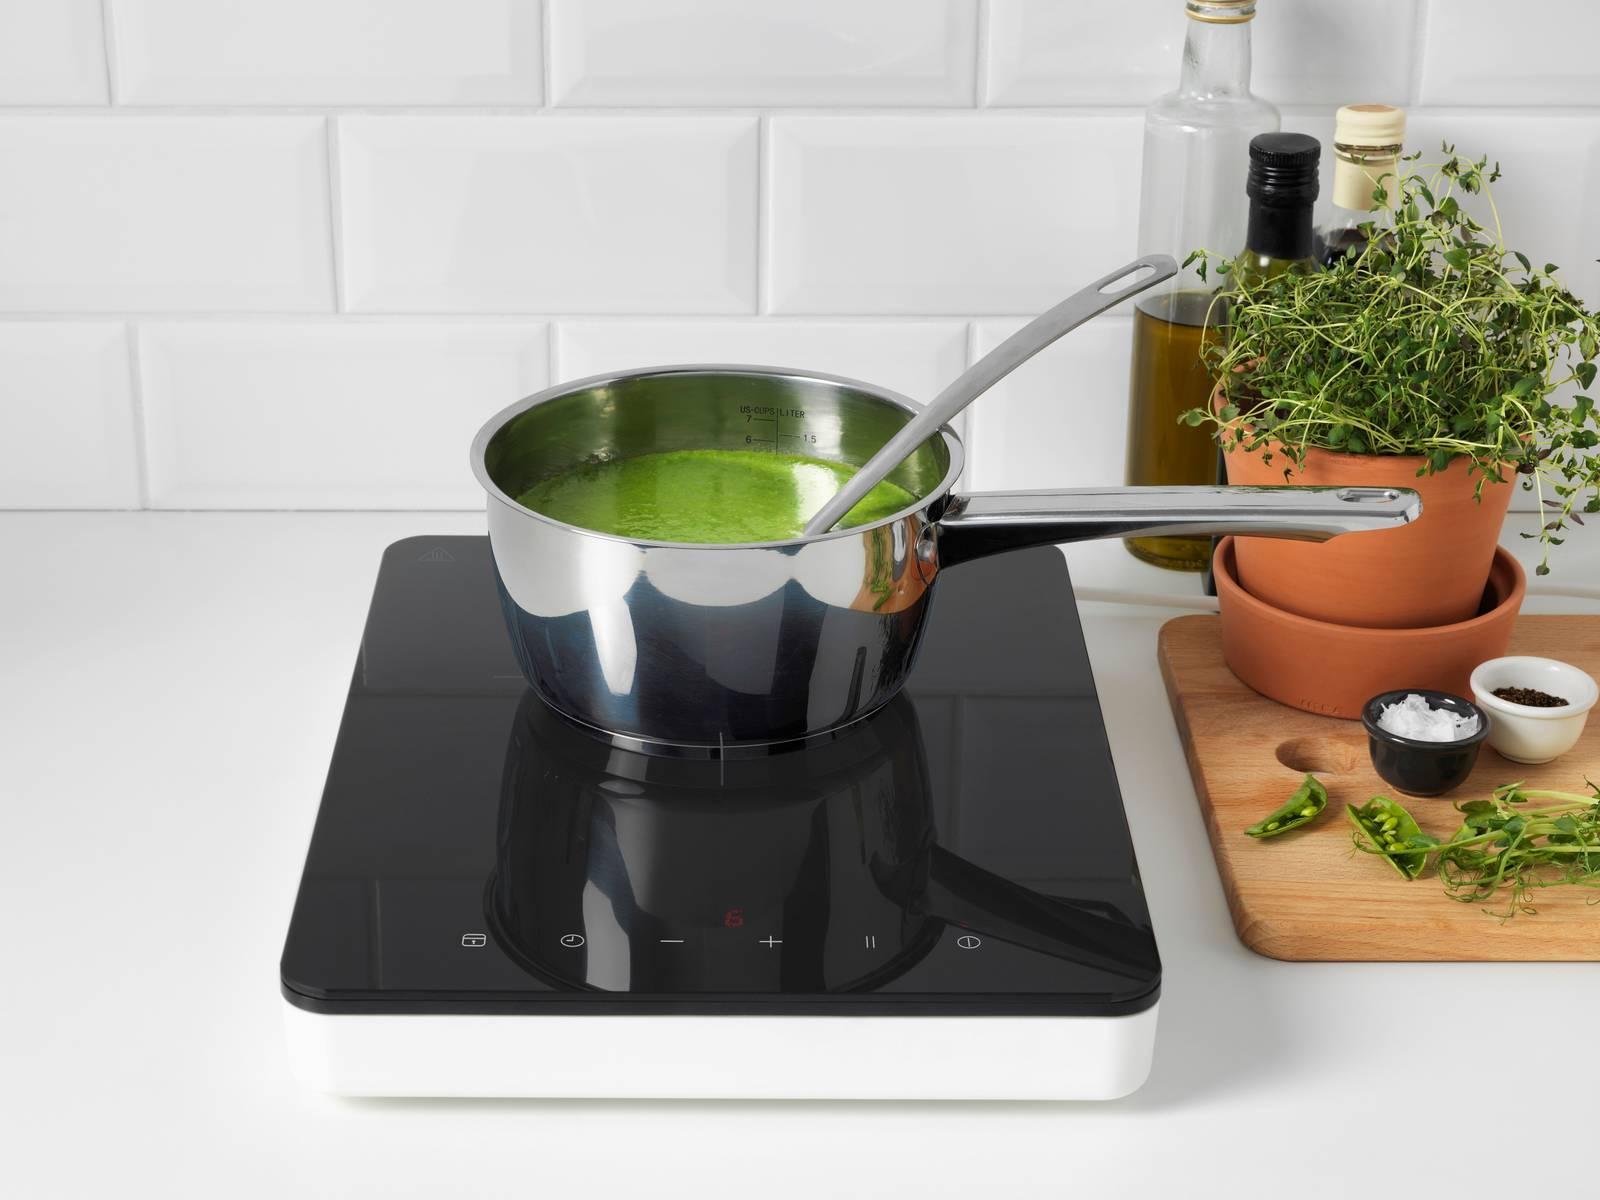 Elettrodomestici piccoli per cucine mini cose di casa - Piano cottura induzione ikea ...